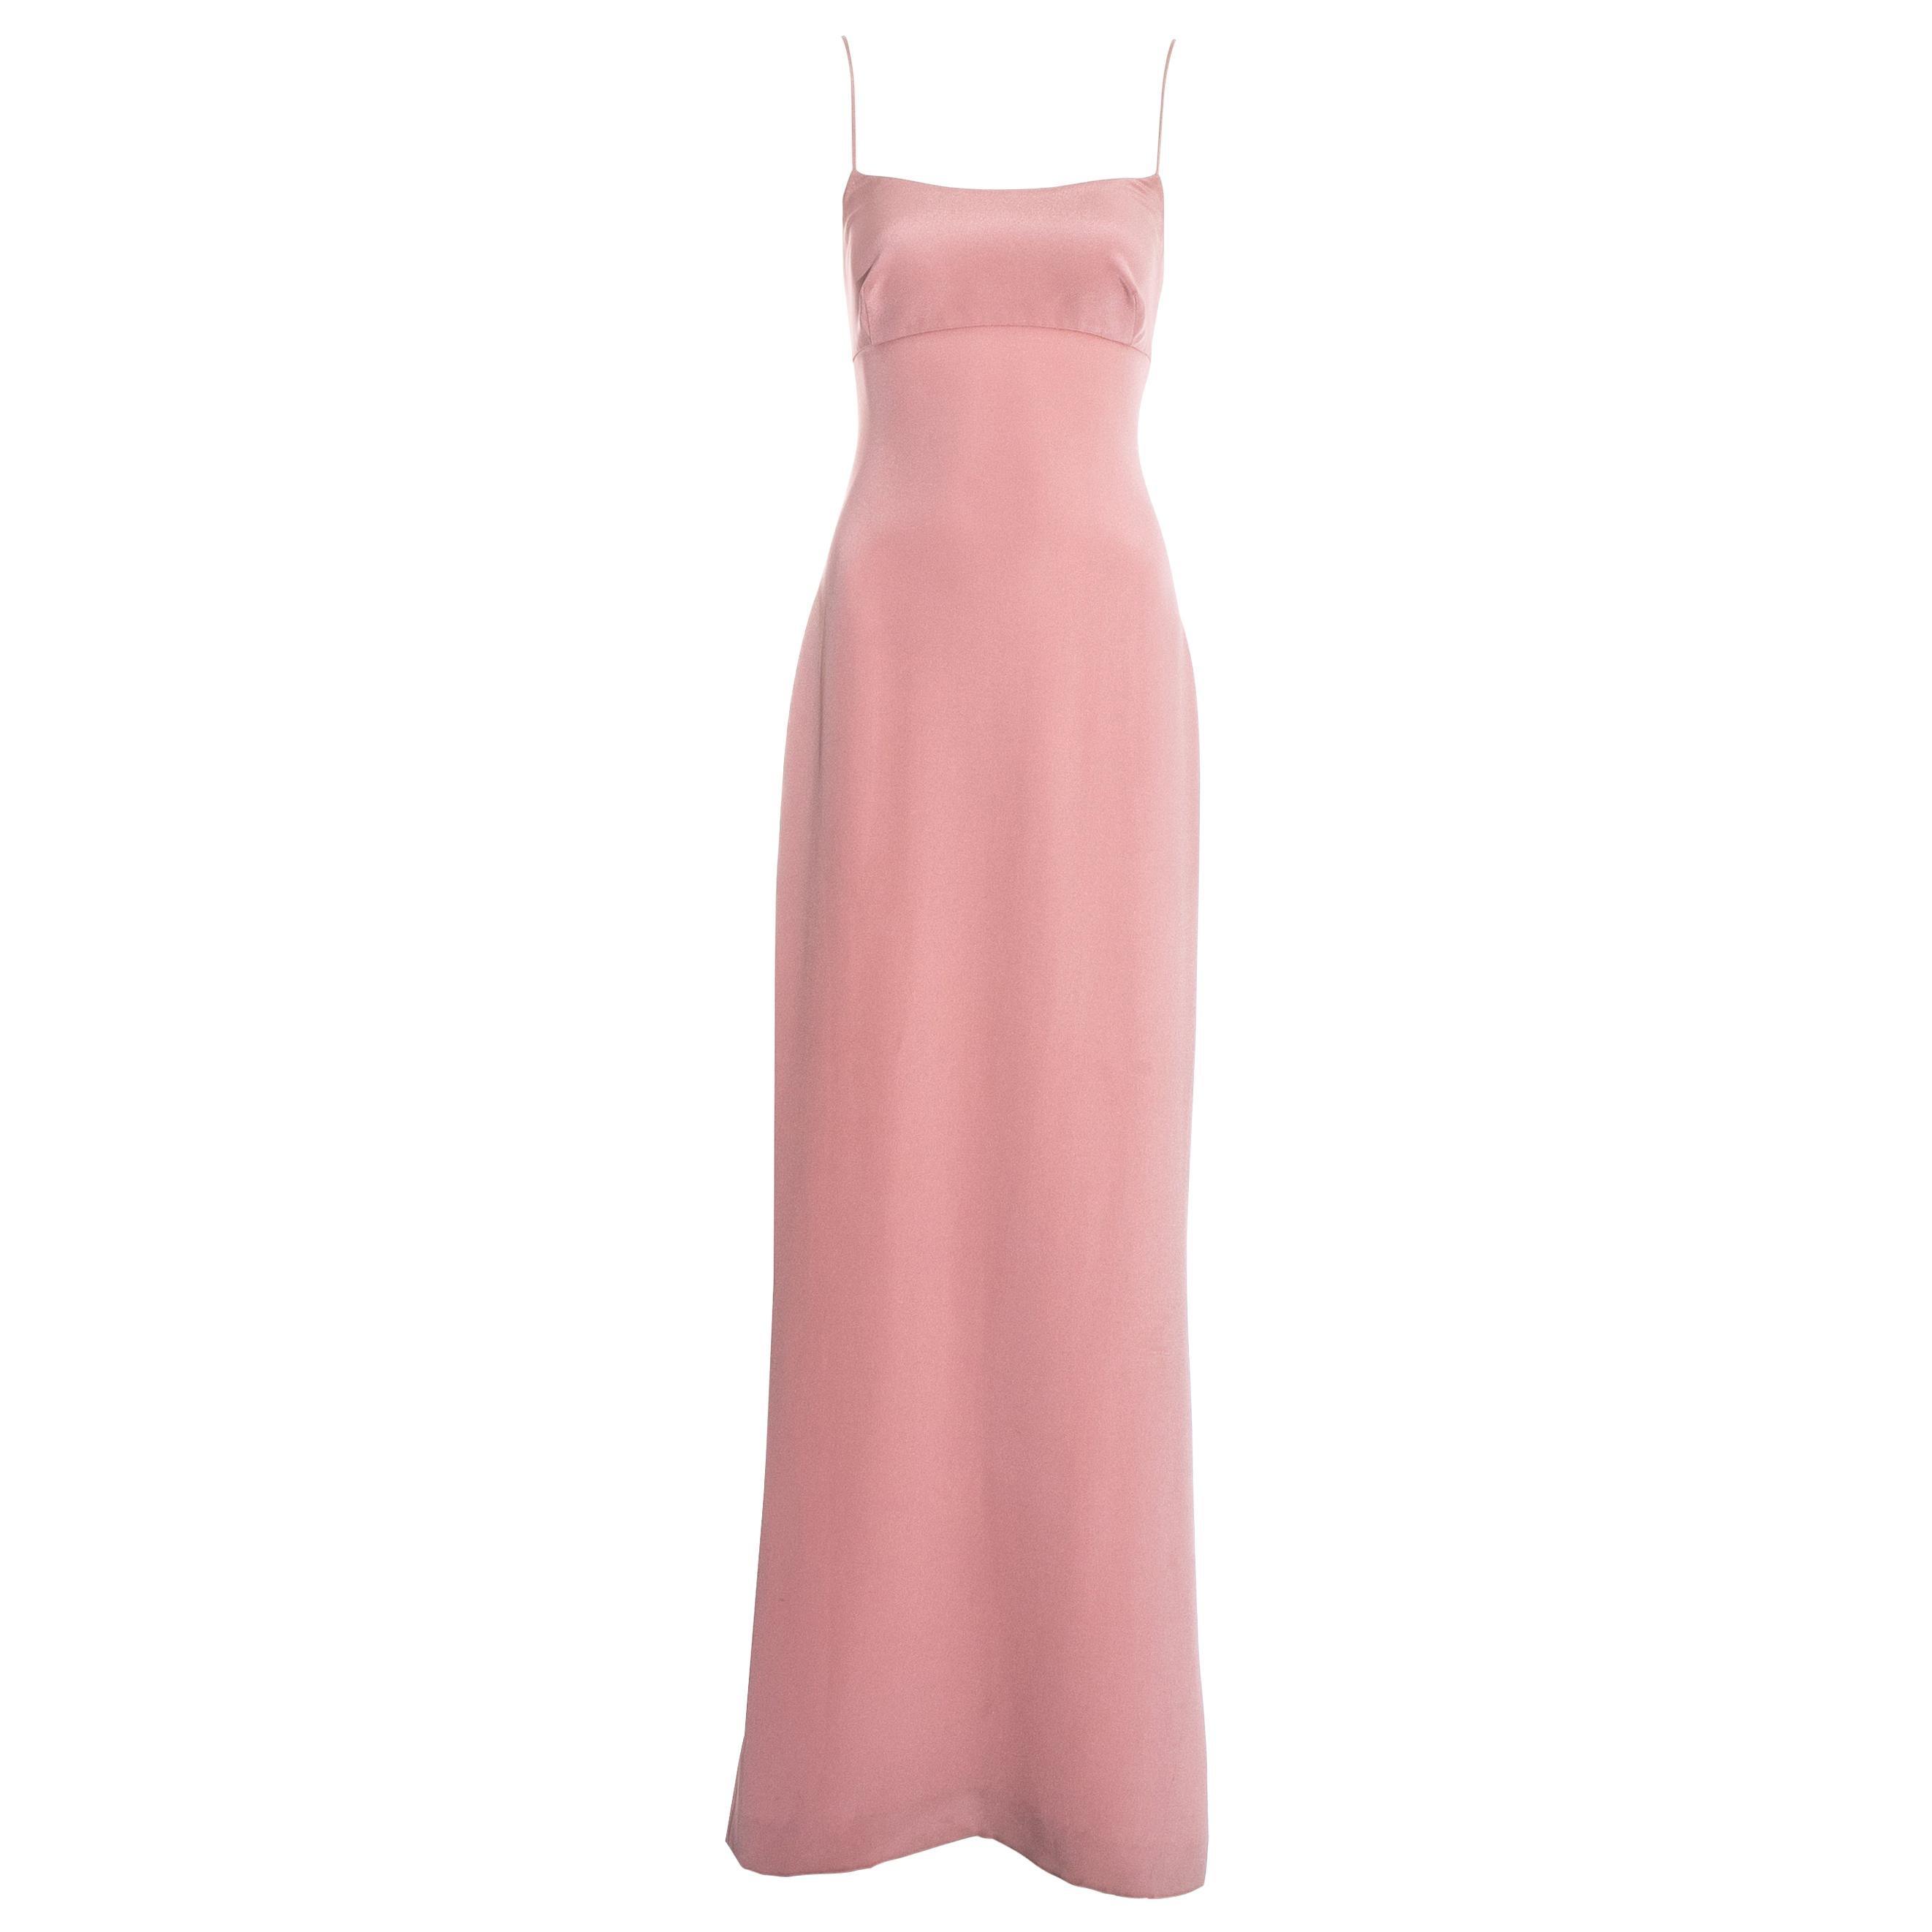 Dolce & Gabbana baby pink silk spaghetti strap maxi dress, ss 1995